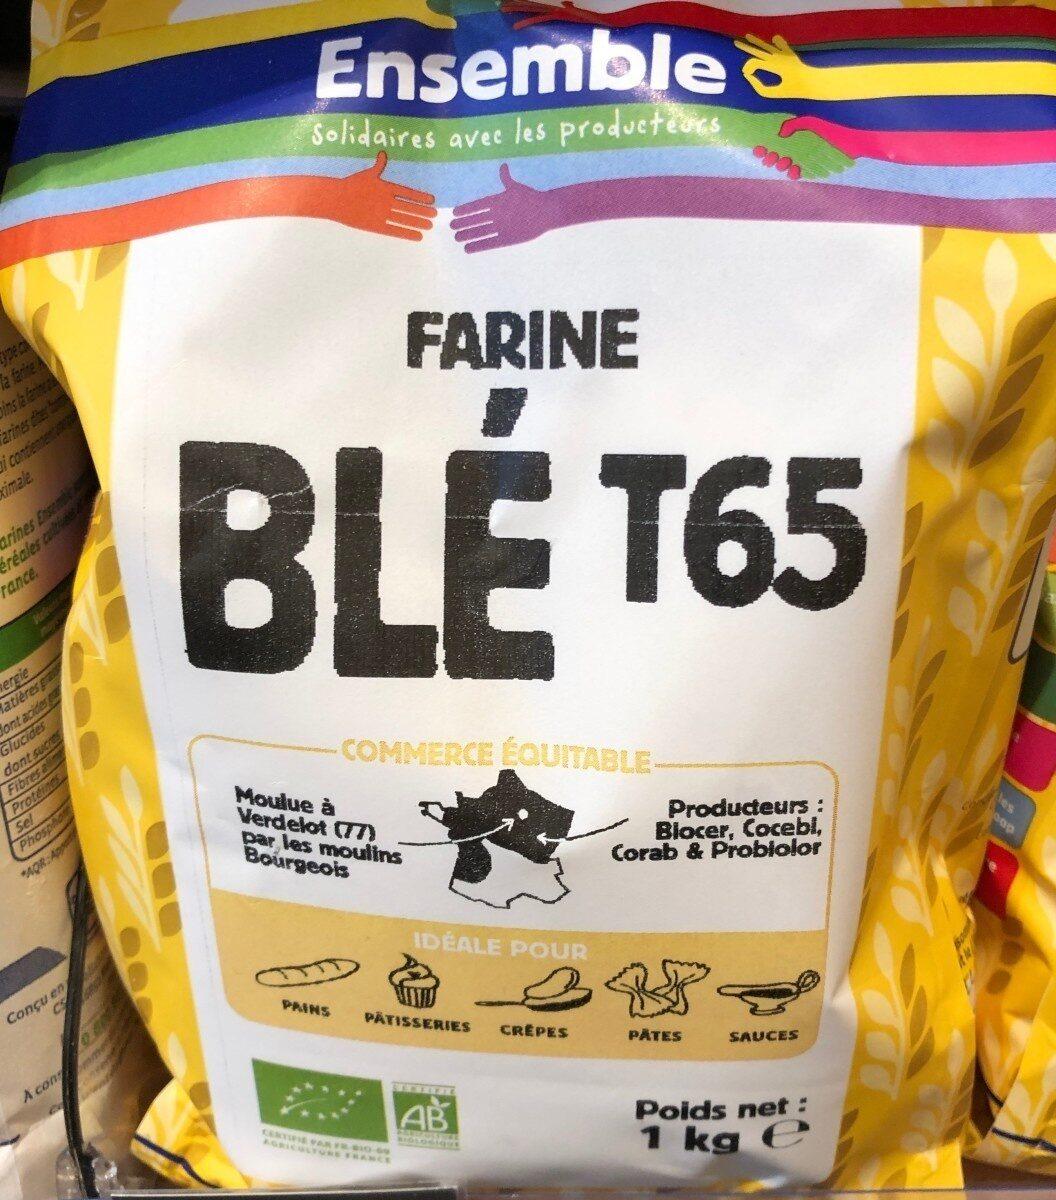 Farine de blé T 65 - Product - fr